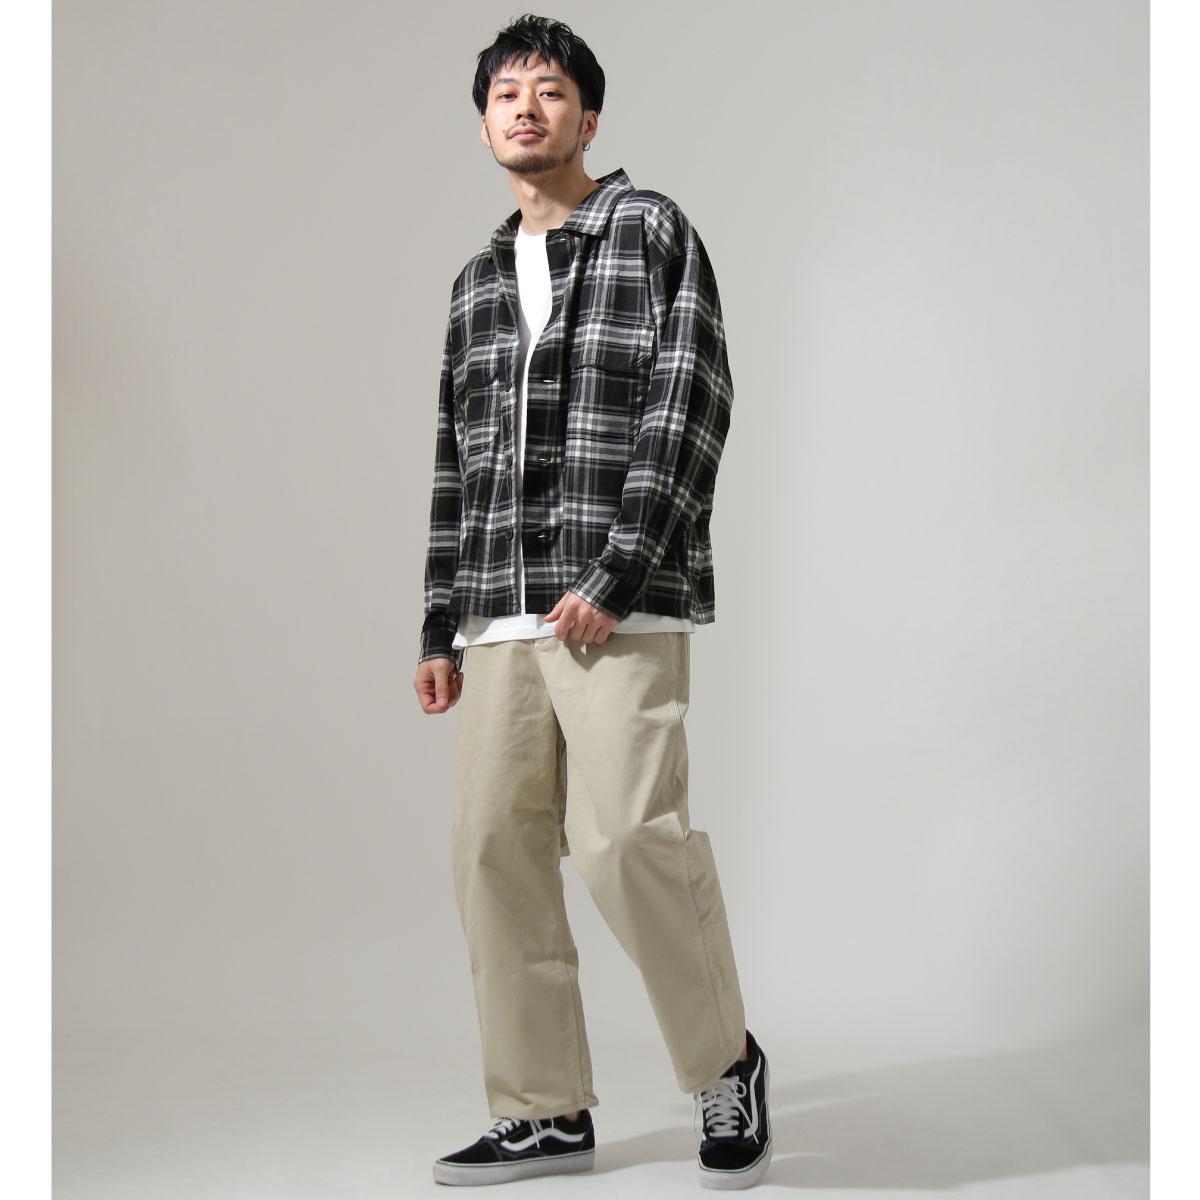 ZIP 格紋長袖襯衫 口袋設計 7